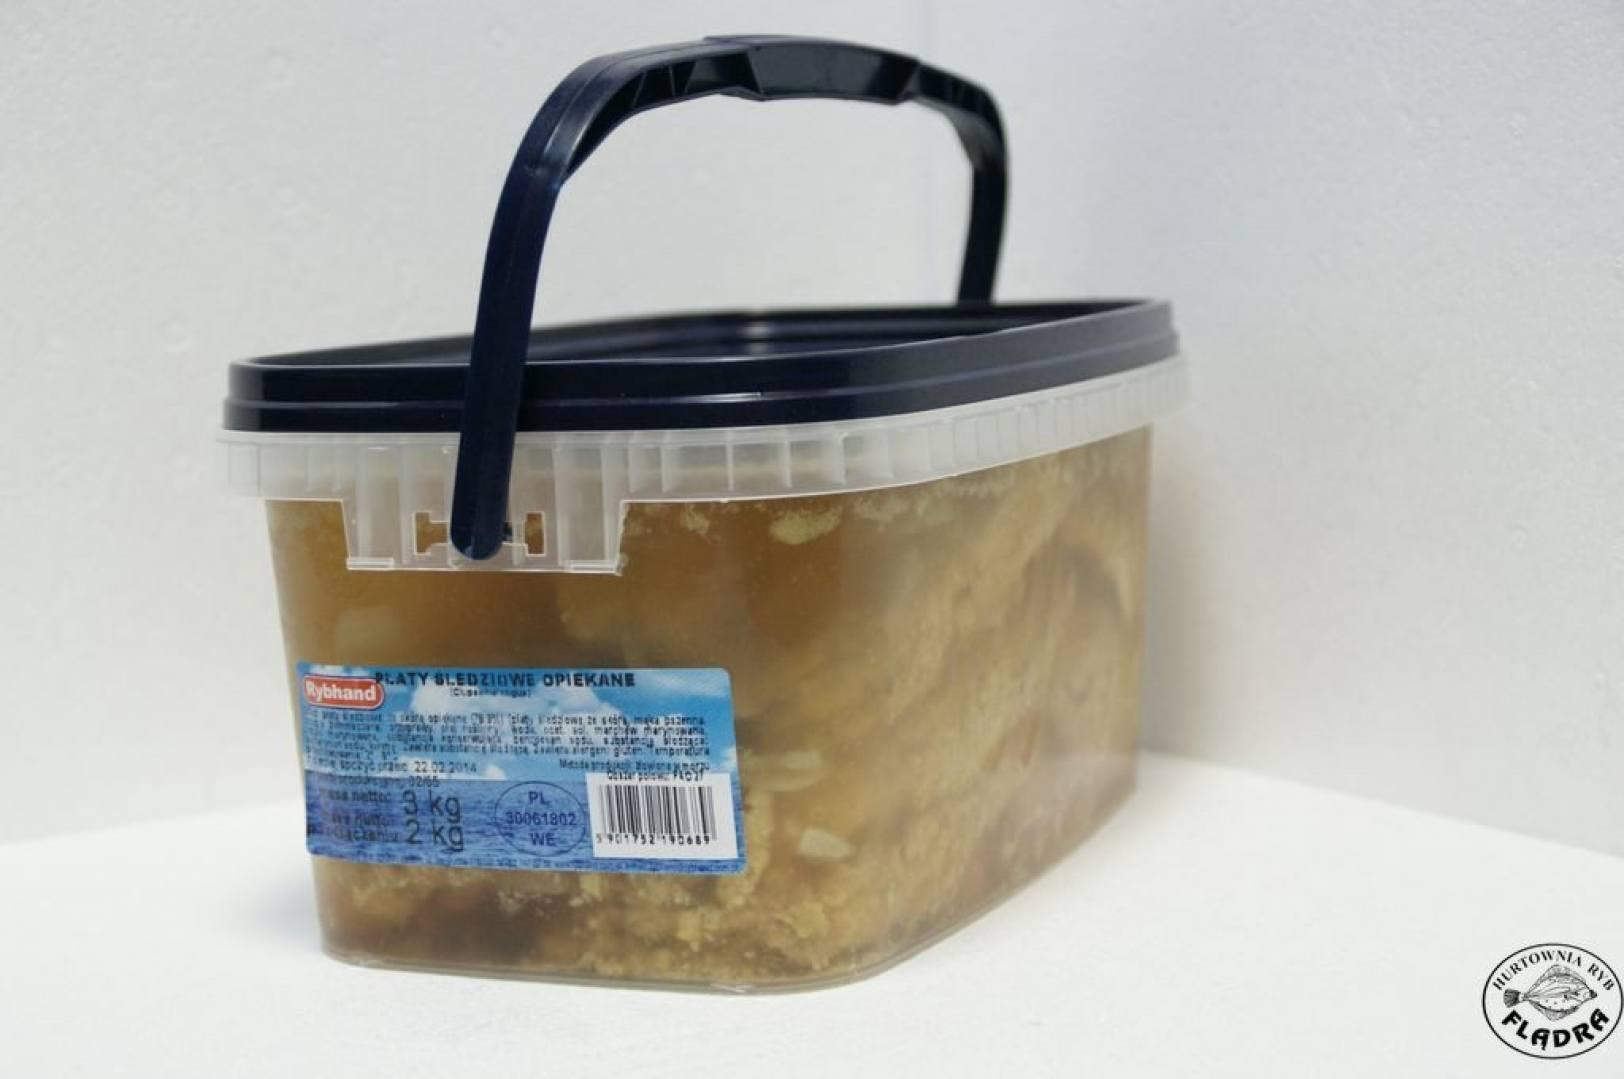 PŁATY ŚLEDZIOWE OPIEKANE 2 kg